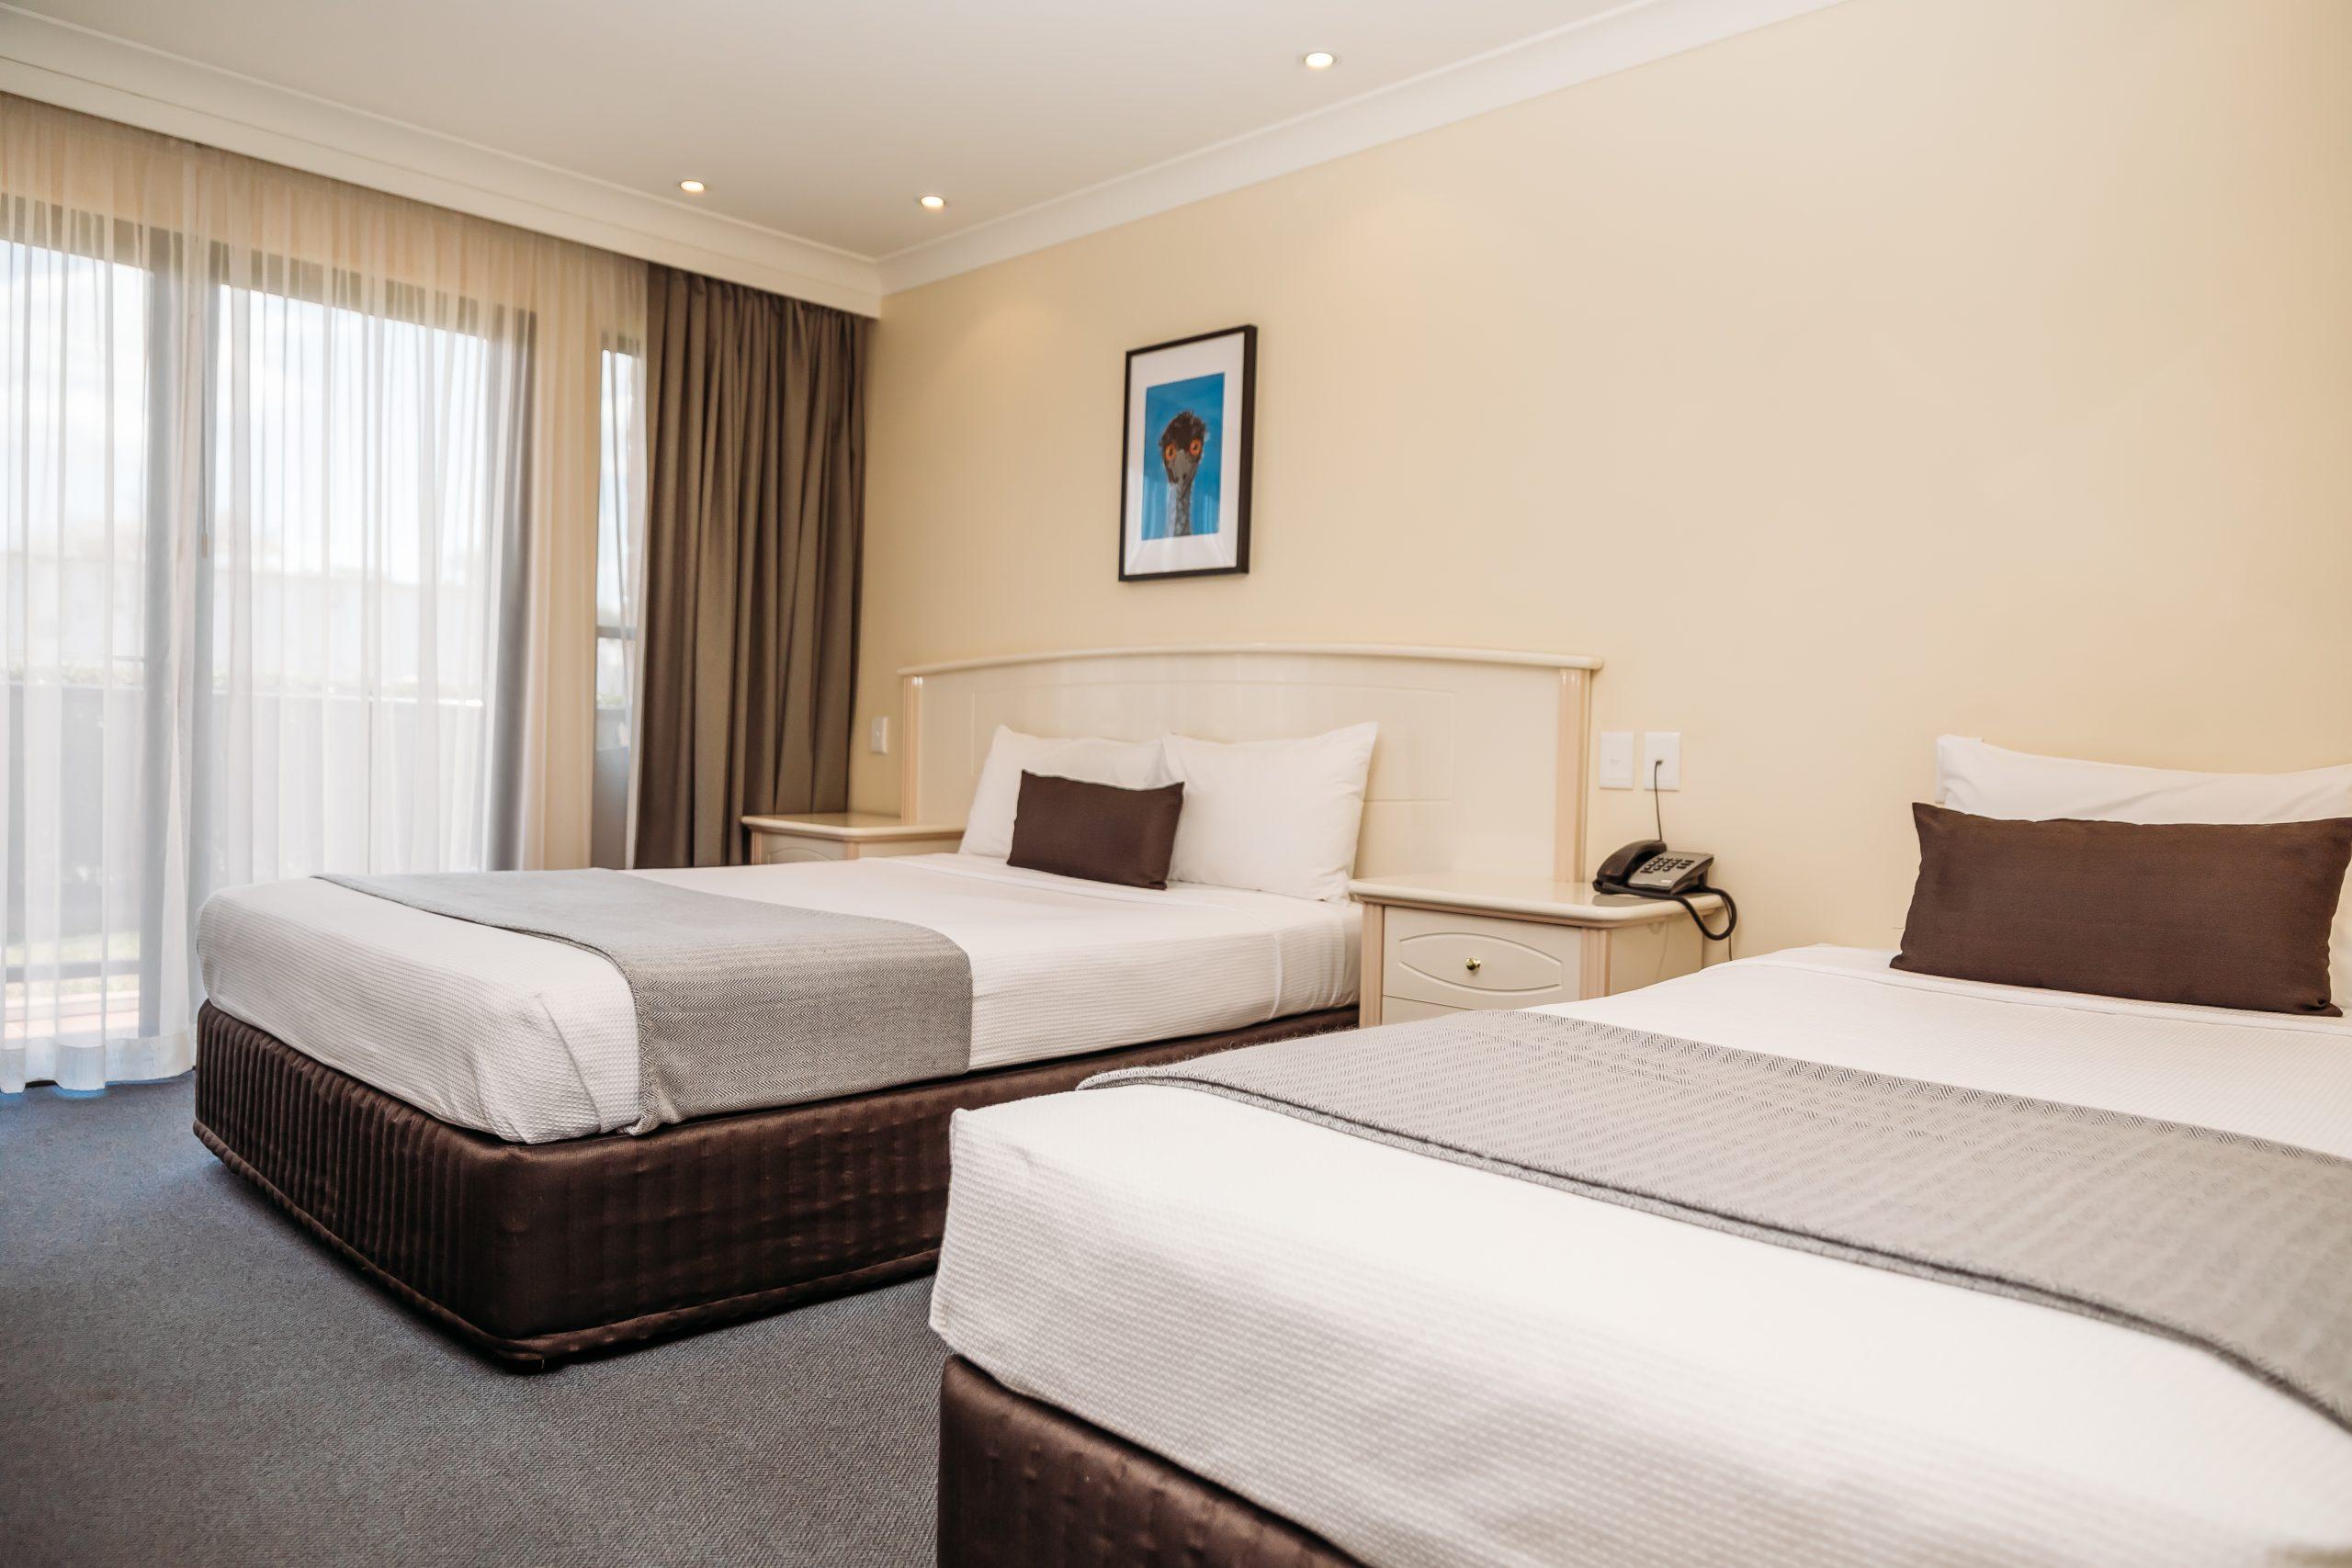 Kobbers Kings Bed Room